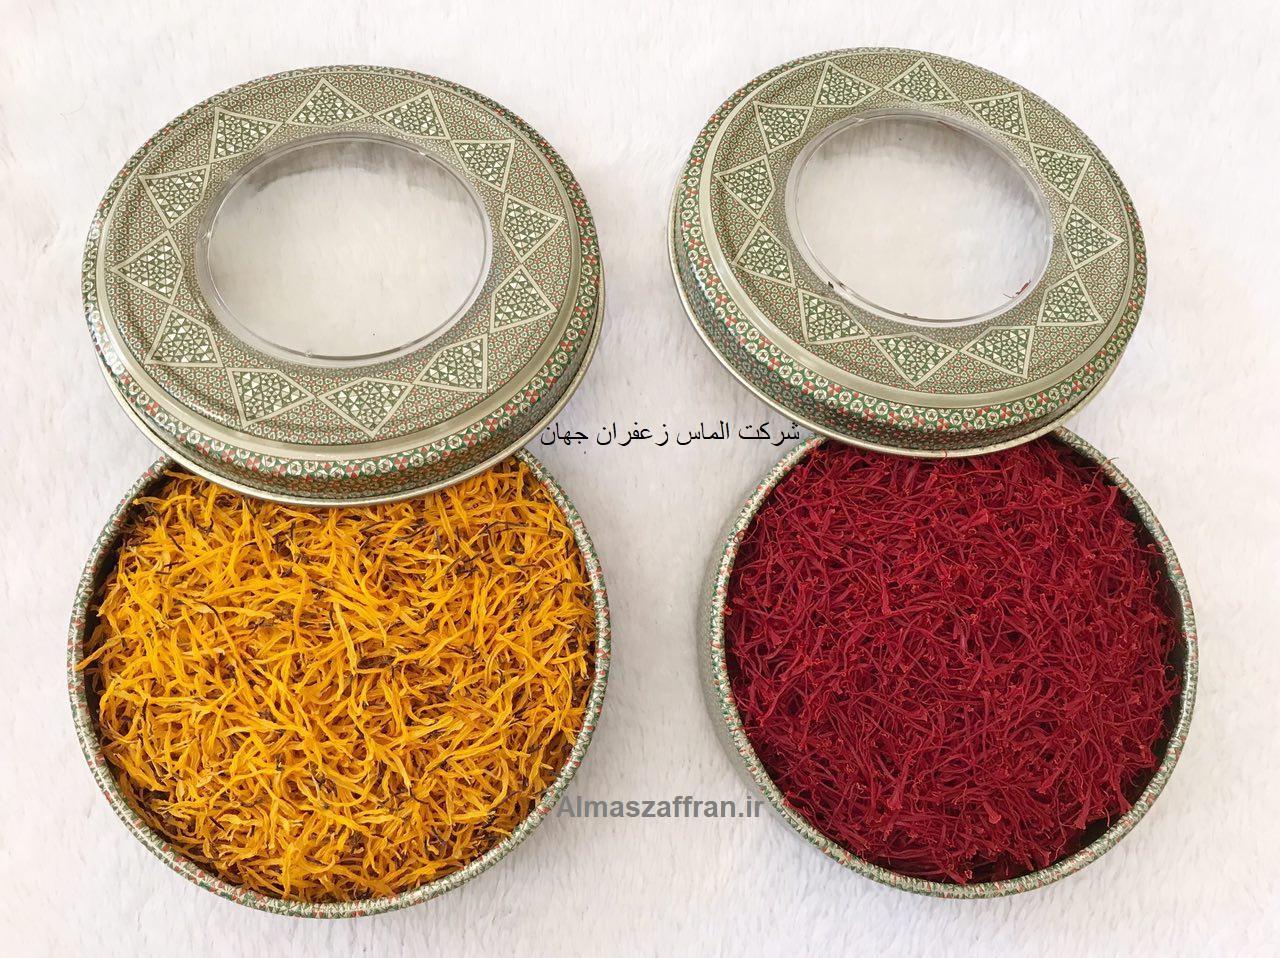 قیمت خرید هر گرم زعفران